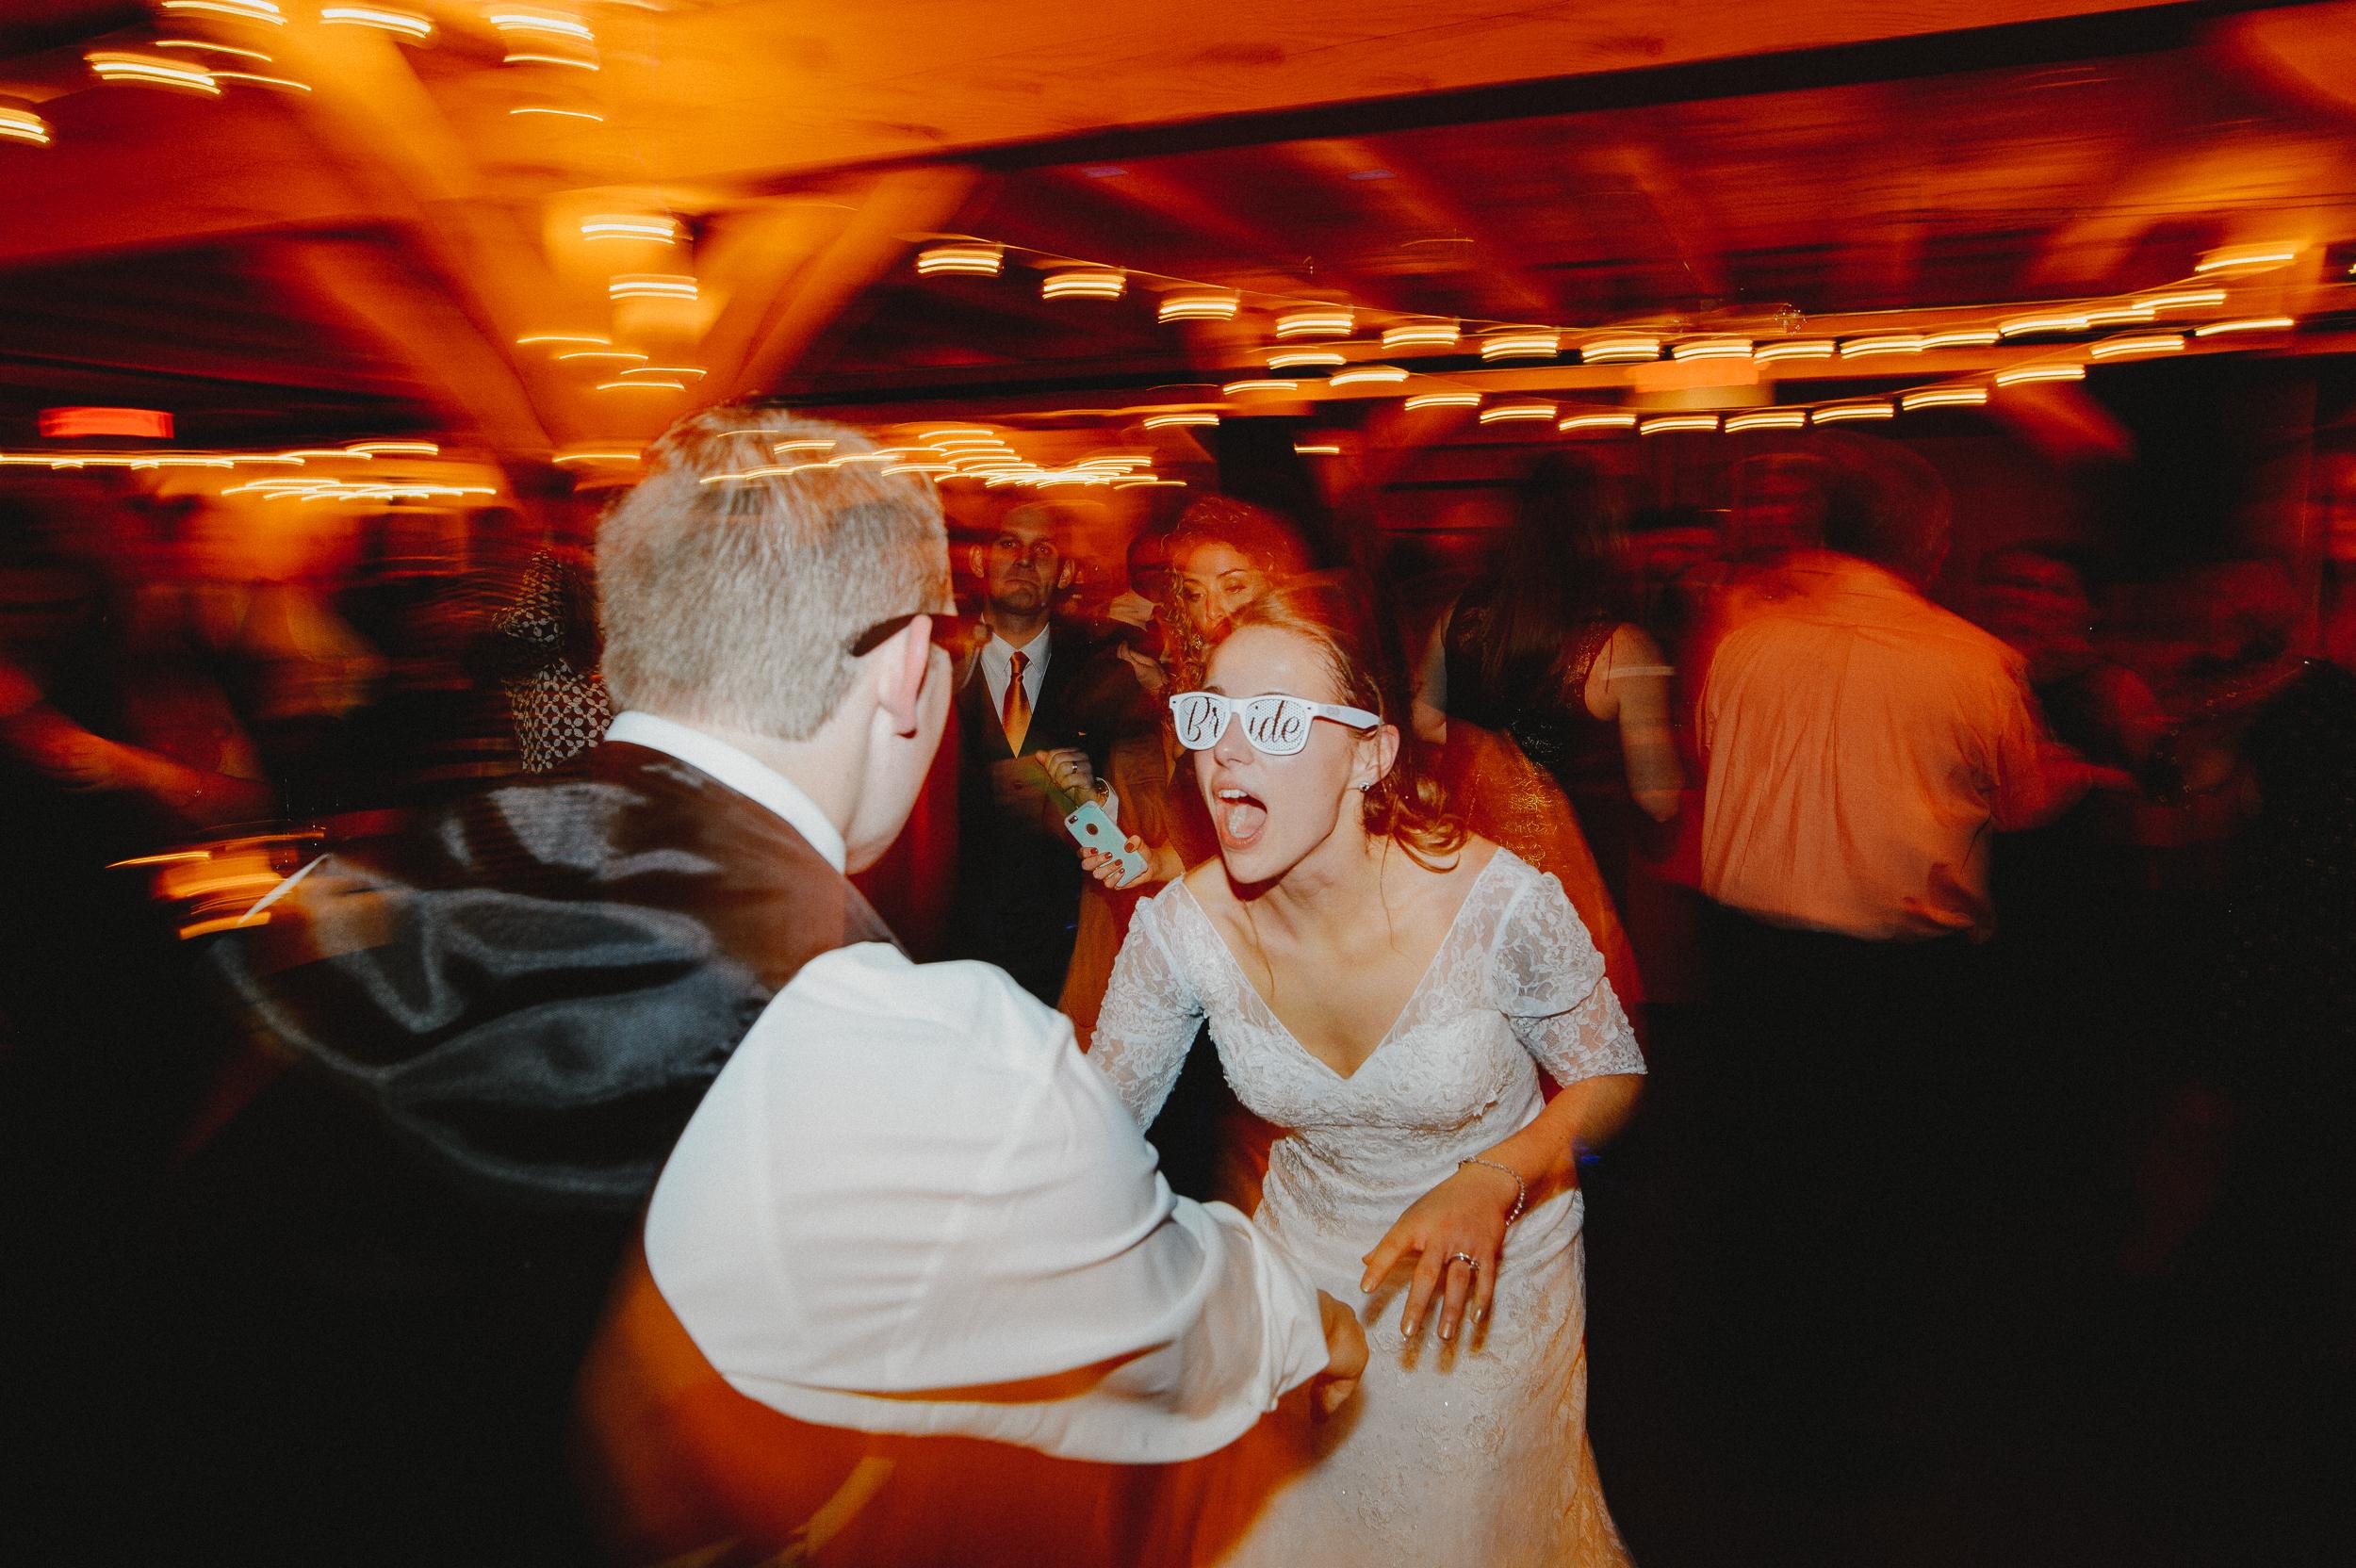 thousand-acre-farm-wedding-photographer-99.jpg